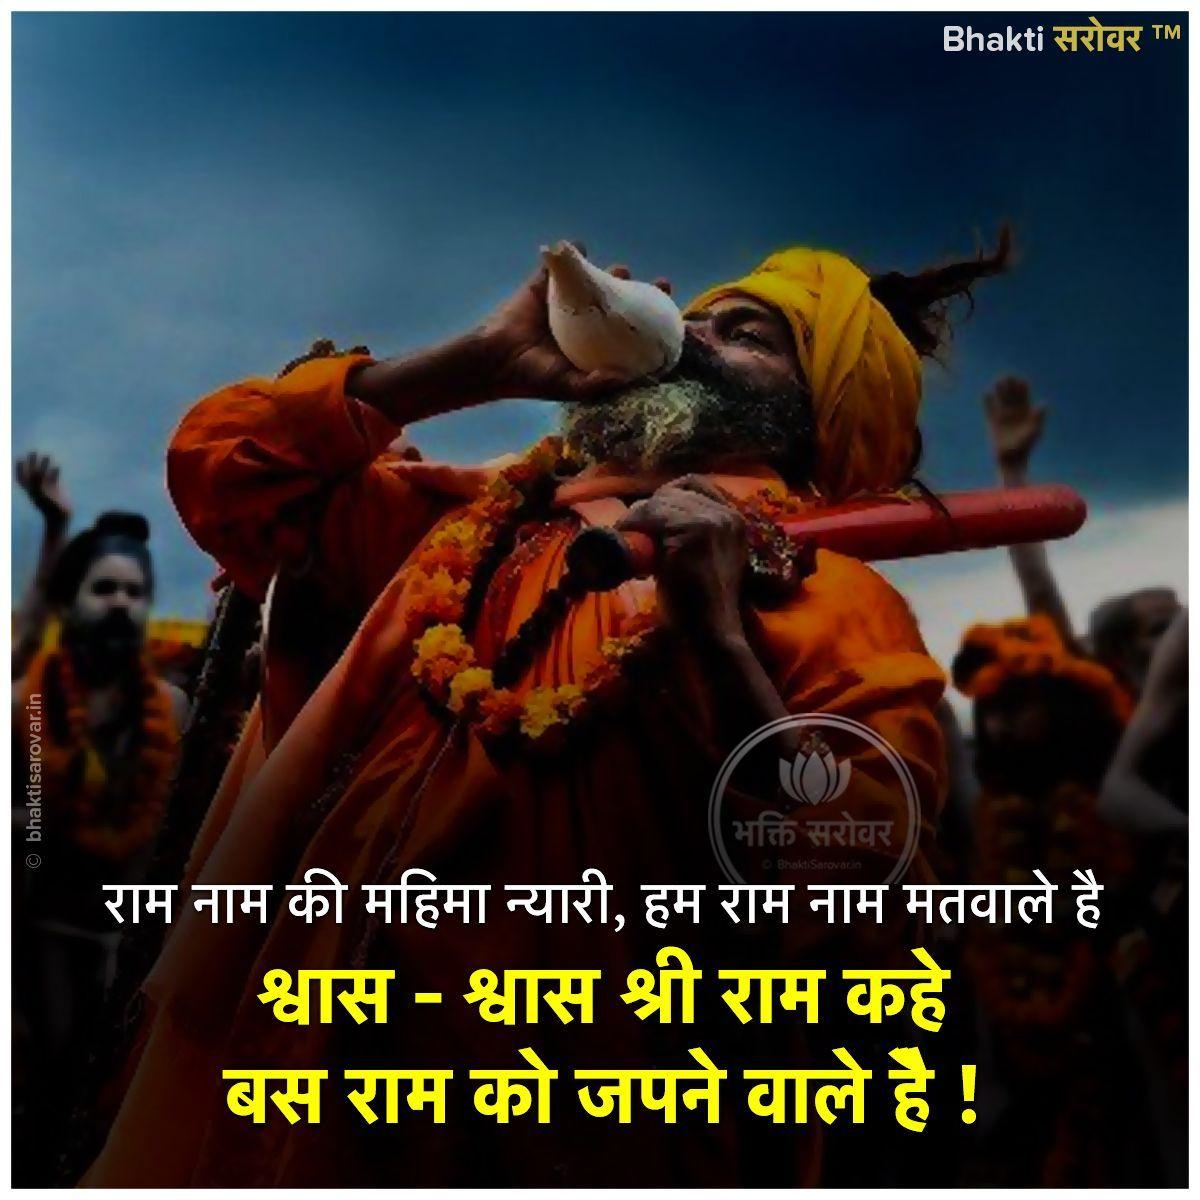 #Bajrangbali #HanumanStatus #HanumanQuotes #RajaRam #JaiShreeRam 2021 Wishes Images, Photos, Status